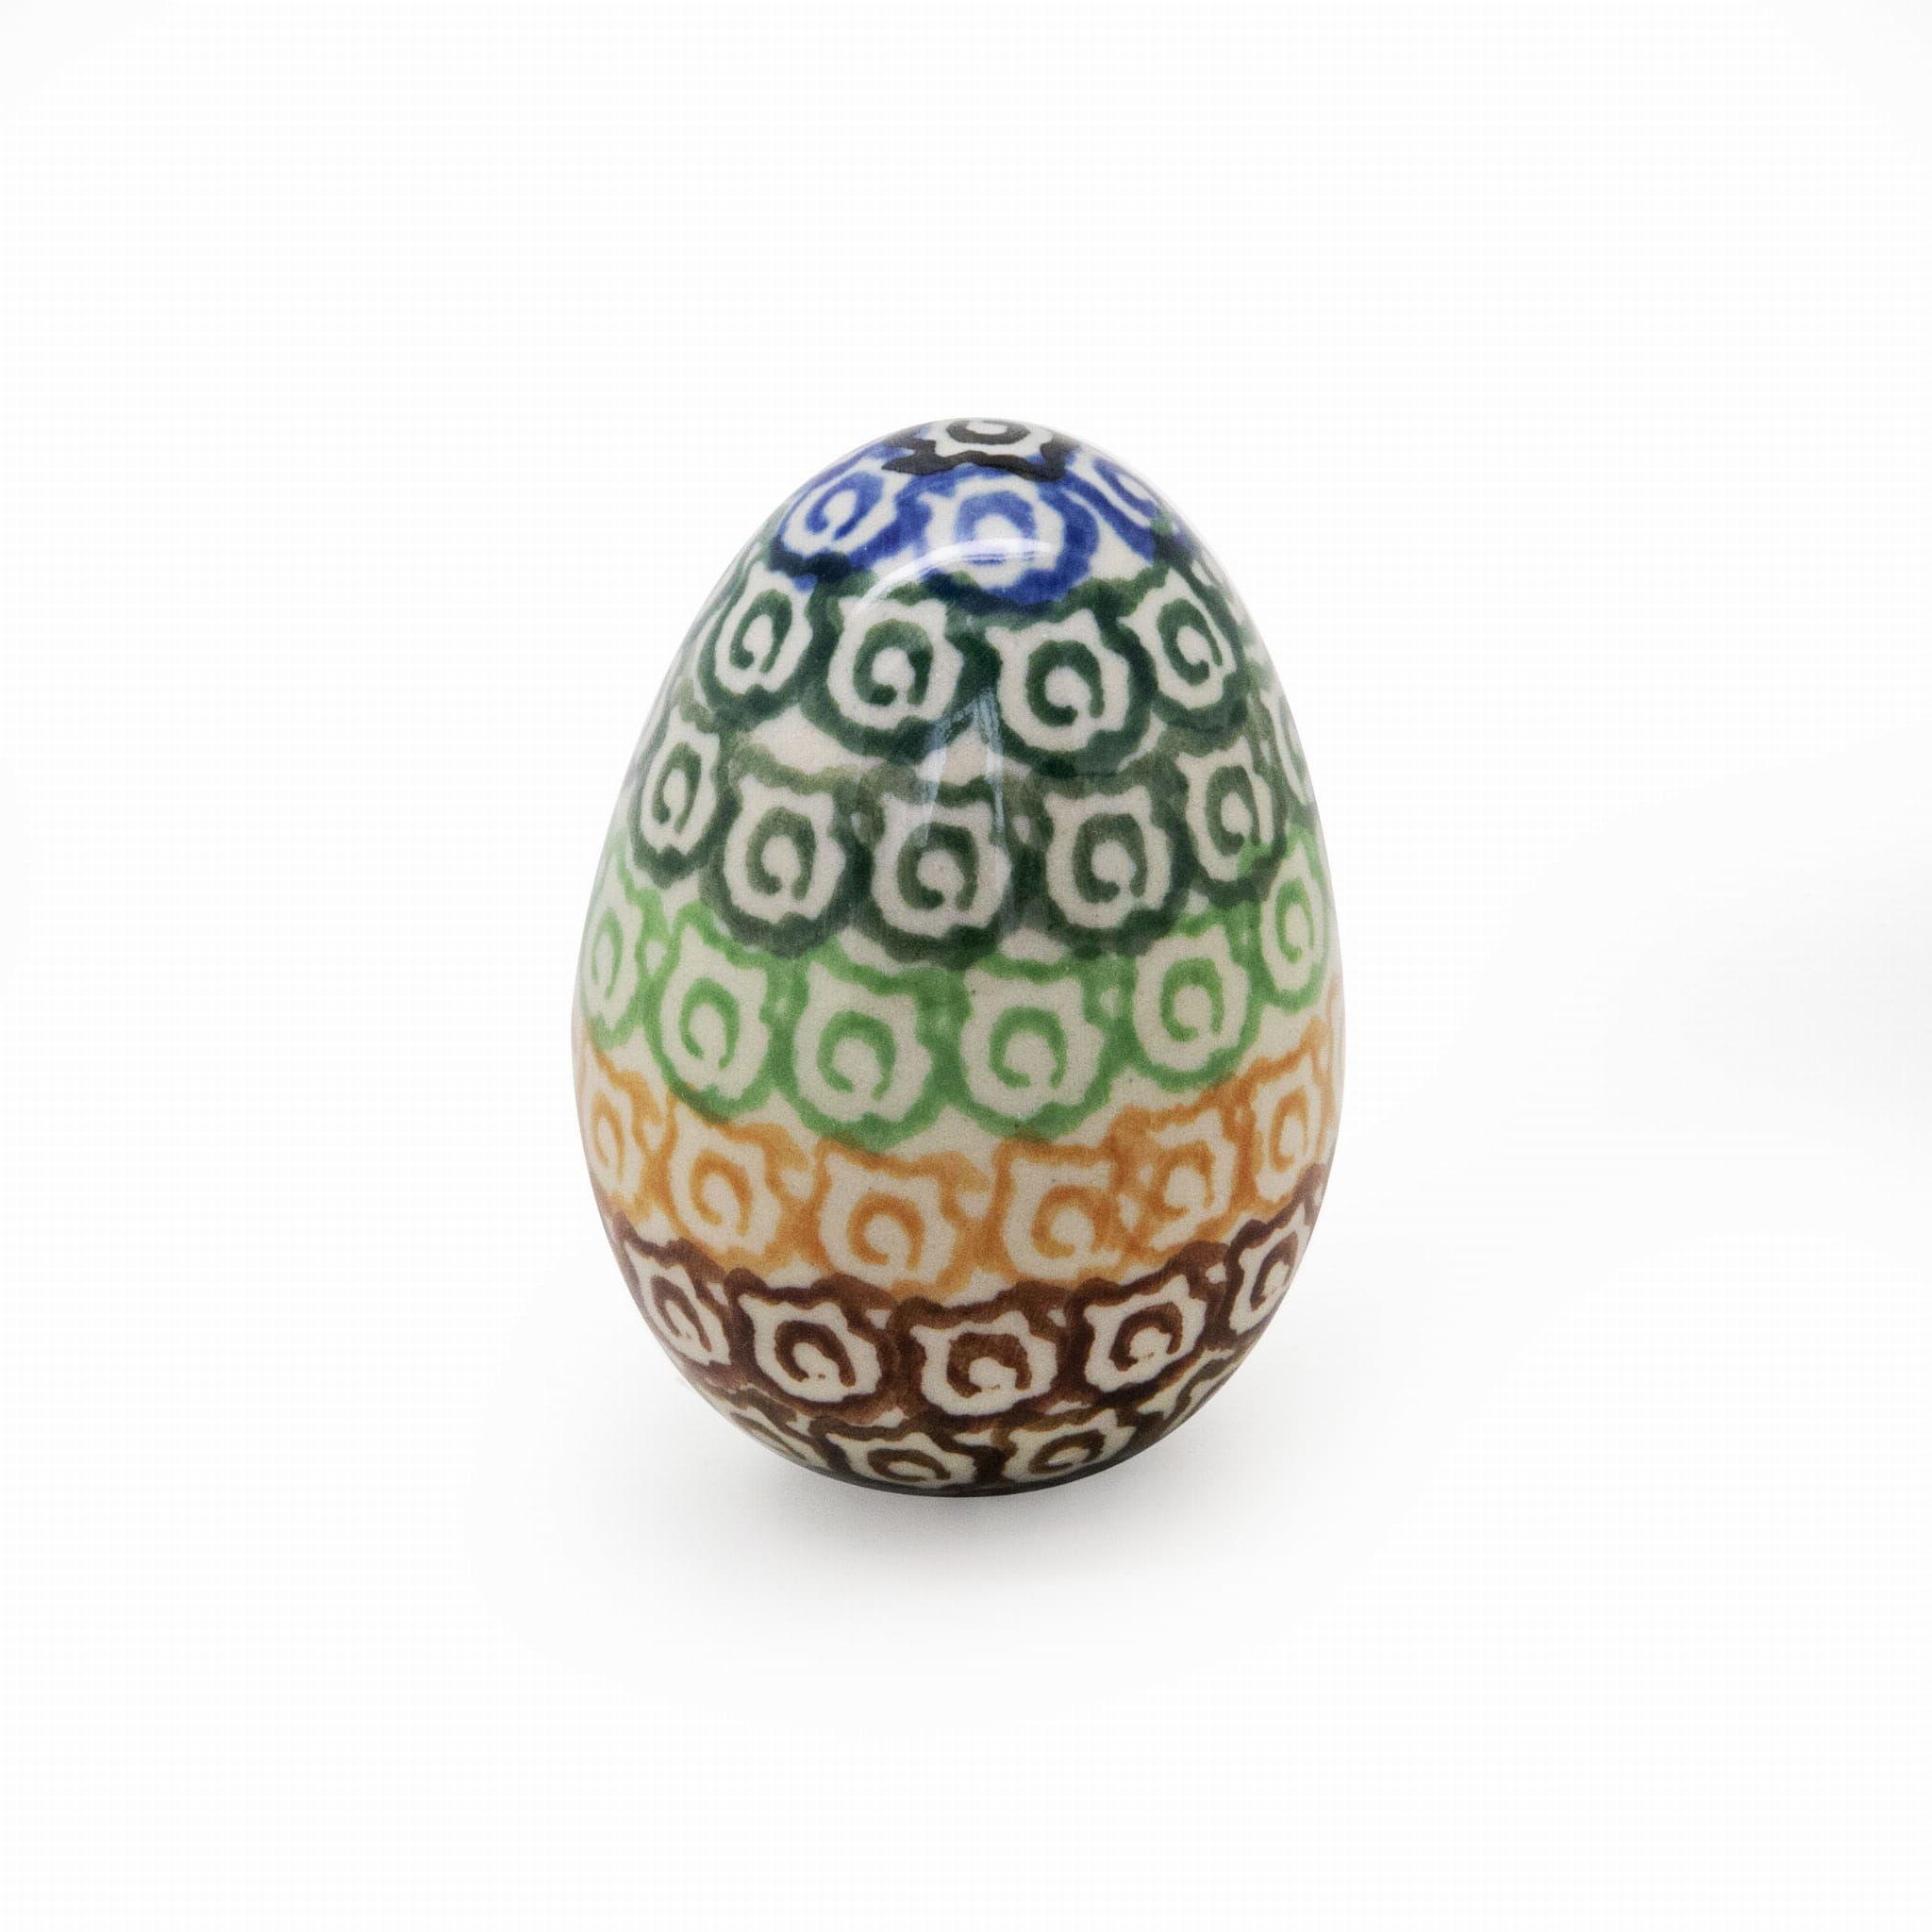 Jako ceramiczne - pisanka, Bolesławiec